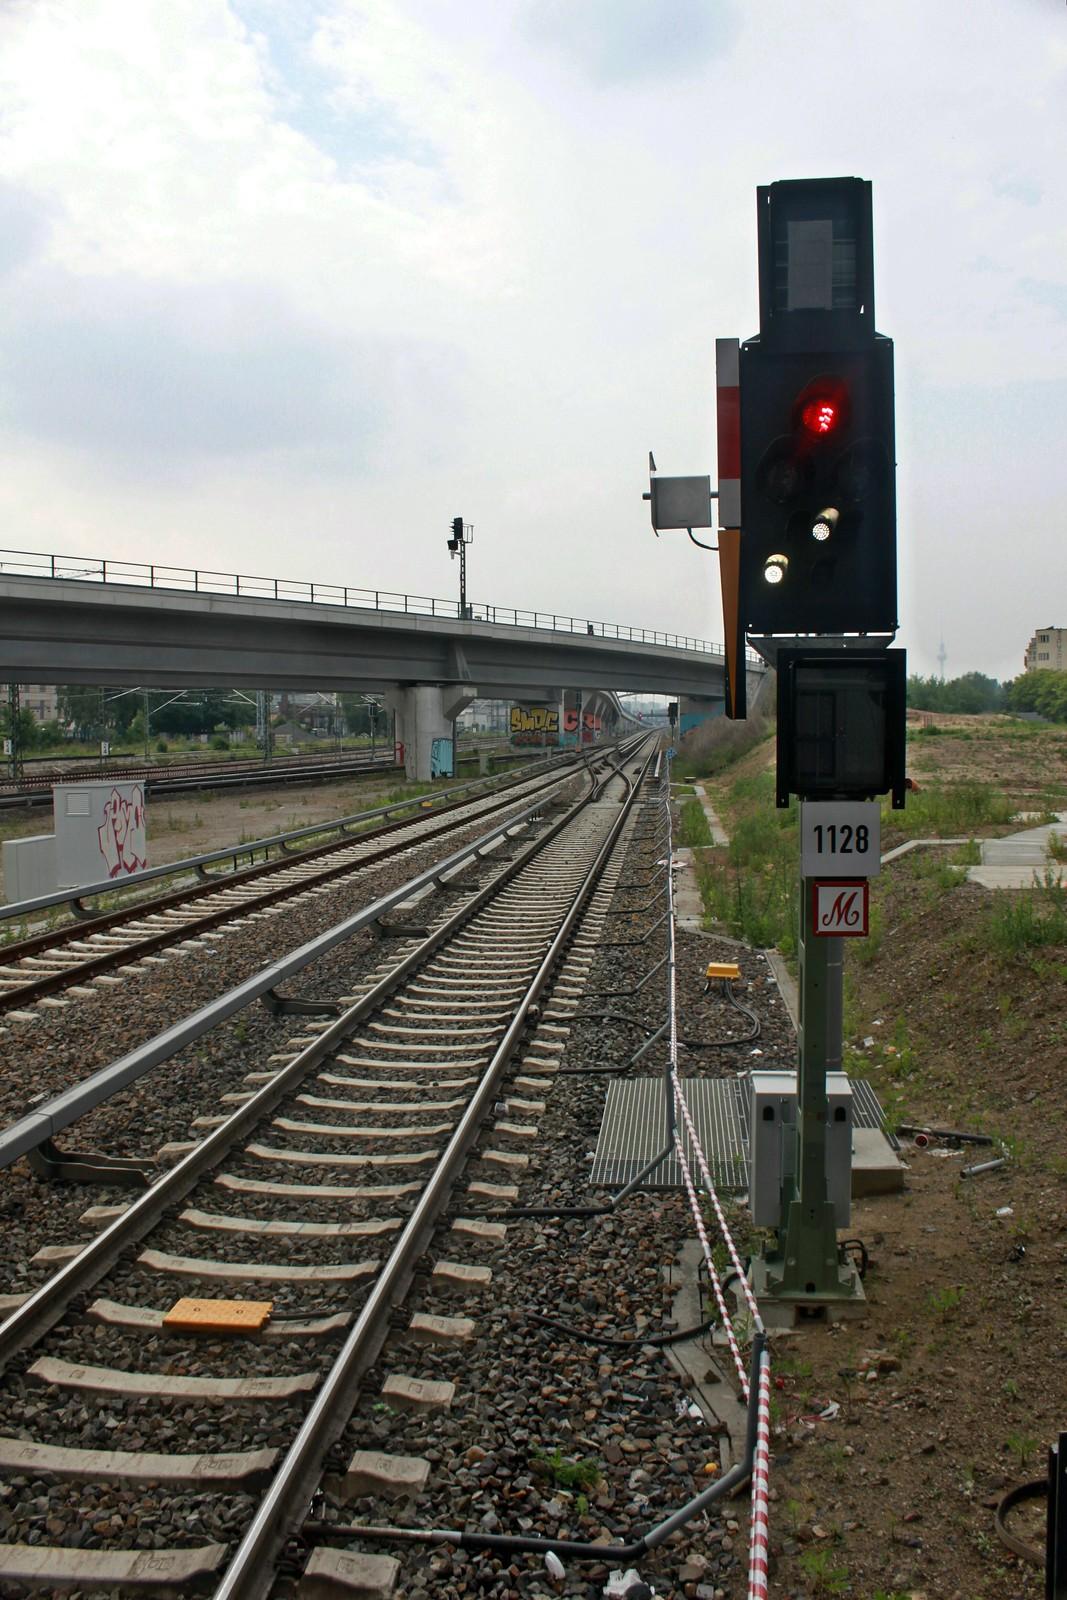 Ostkreuz: Südkurve mit Signal